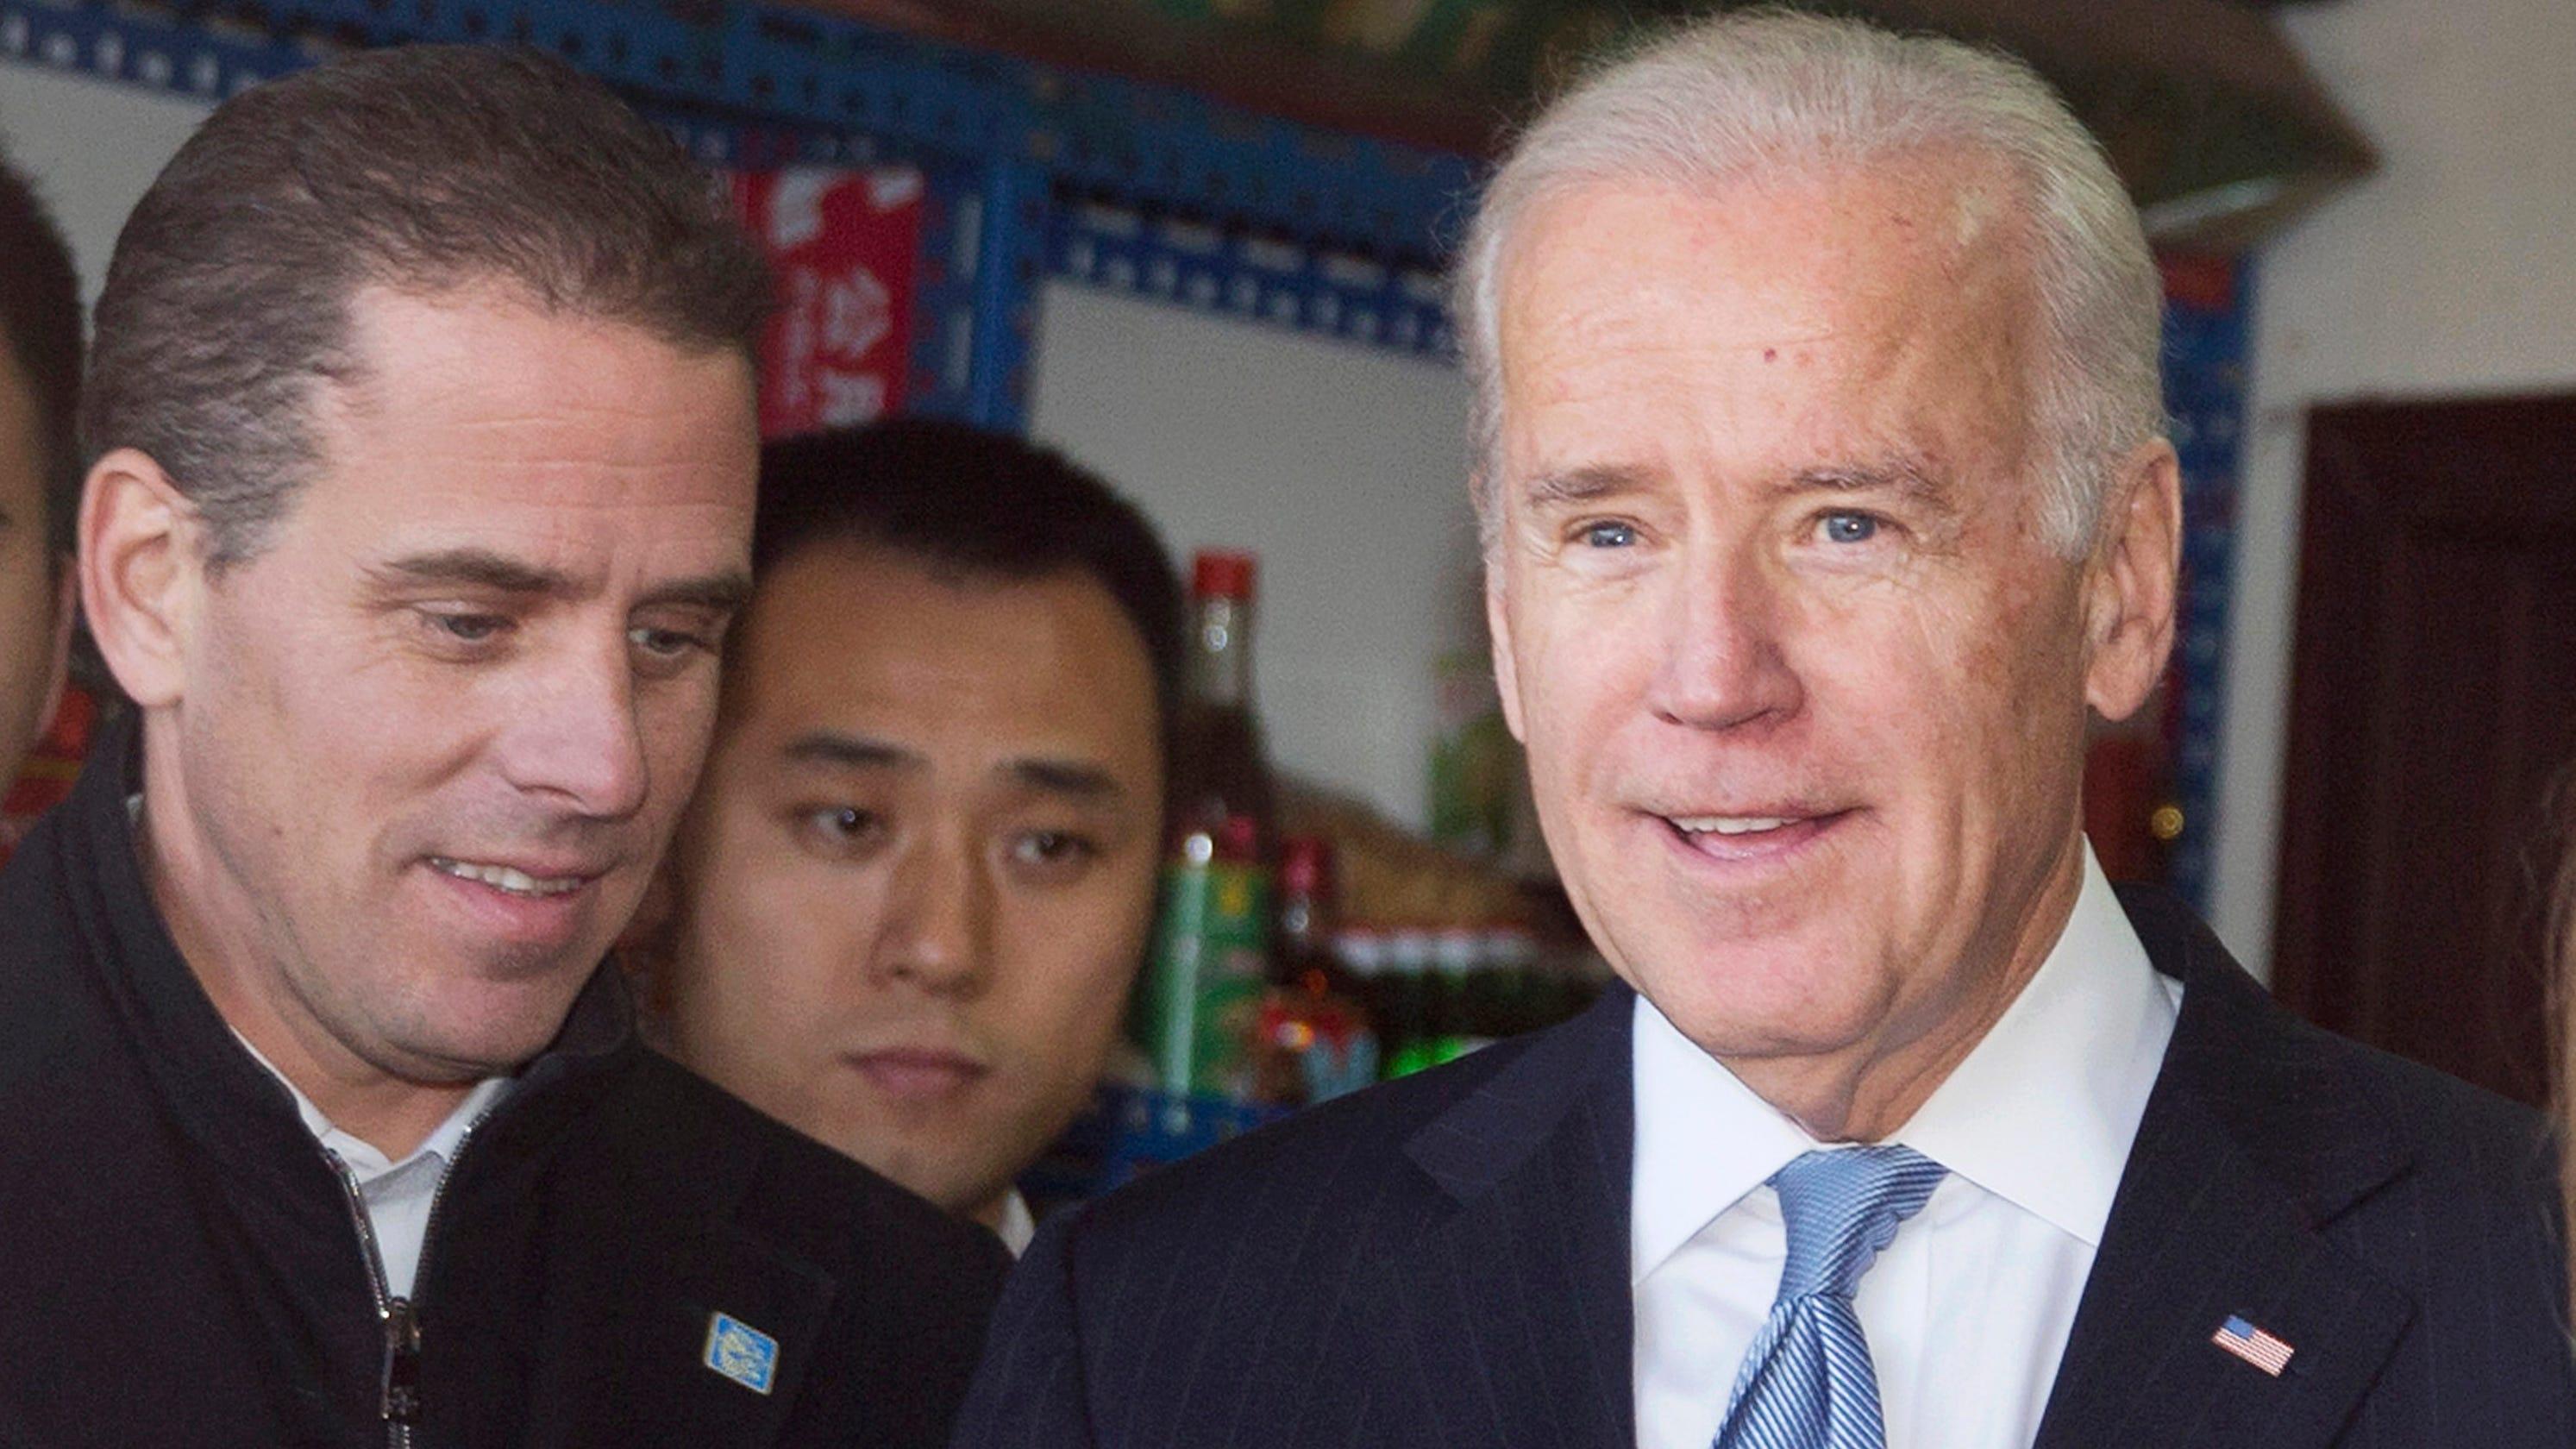 Joe Biden needs better answers on Ukraine thumbnail